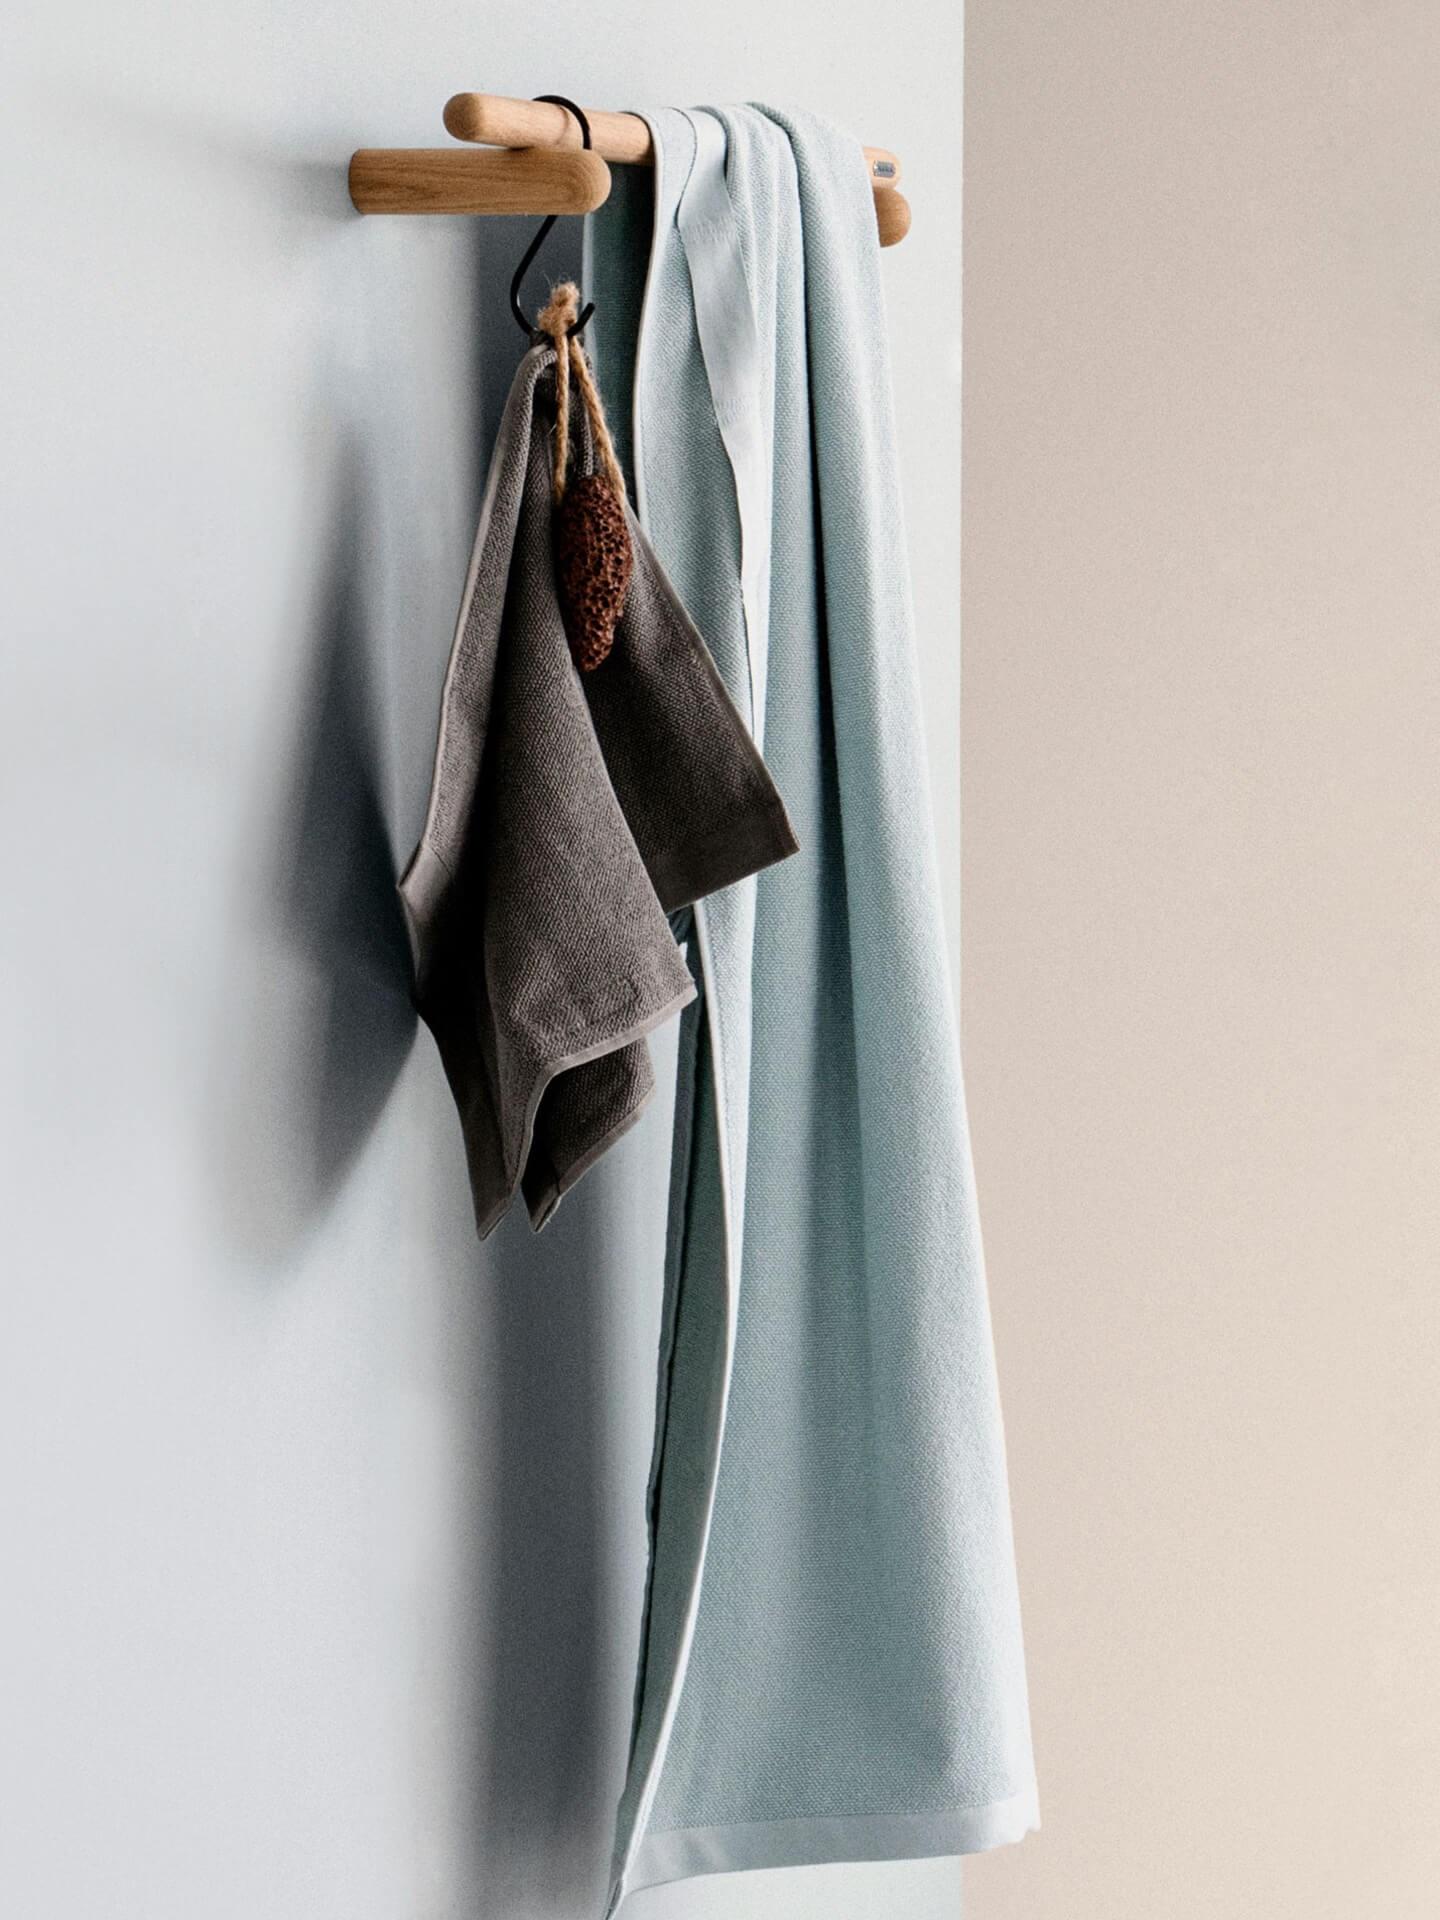 Miljøbilde badehåndklær. Everyday bath towel fra The Organic Company. Hengende på treknagg.